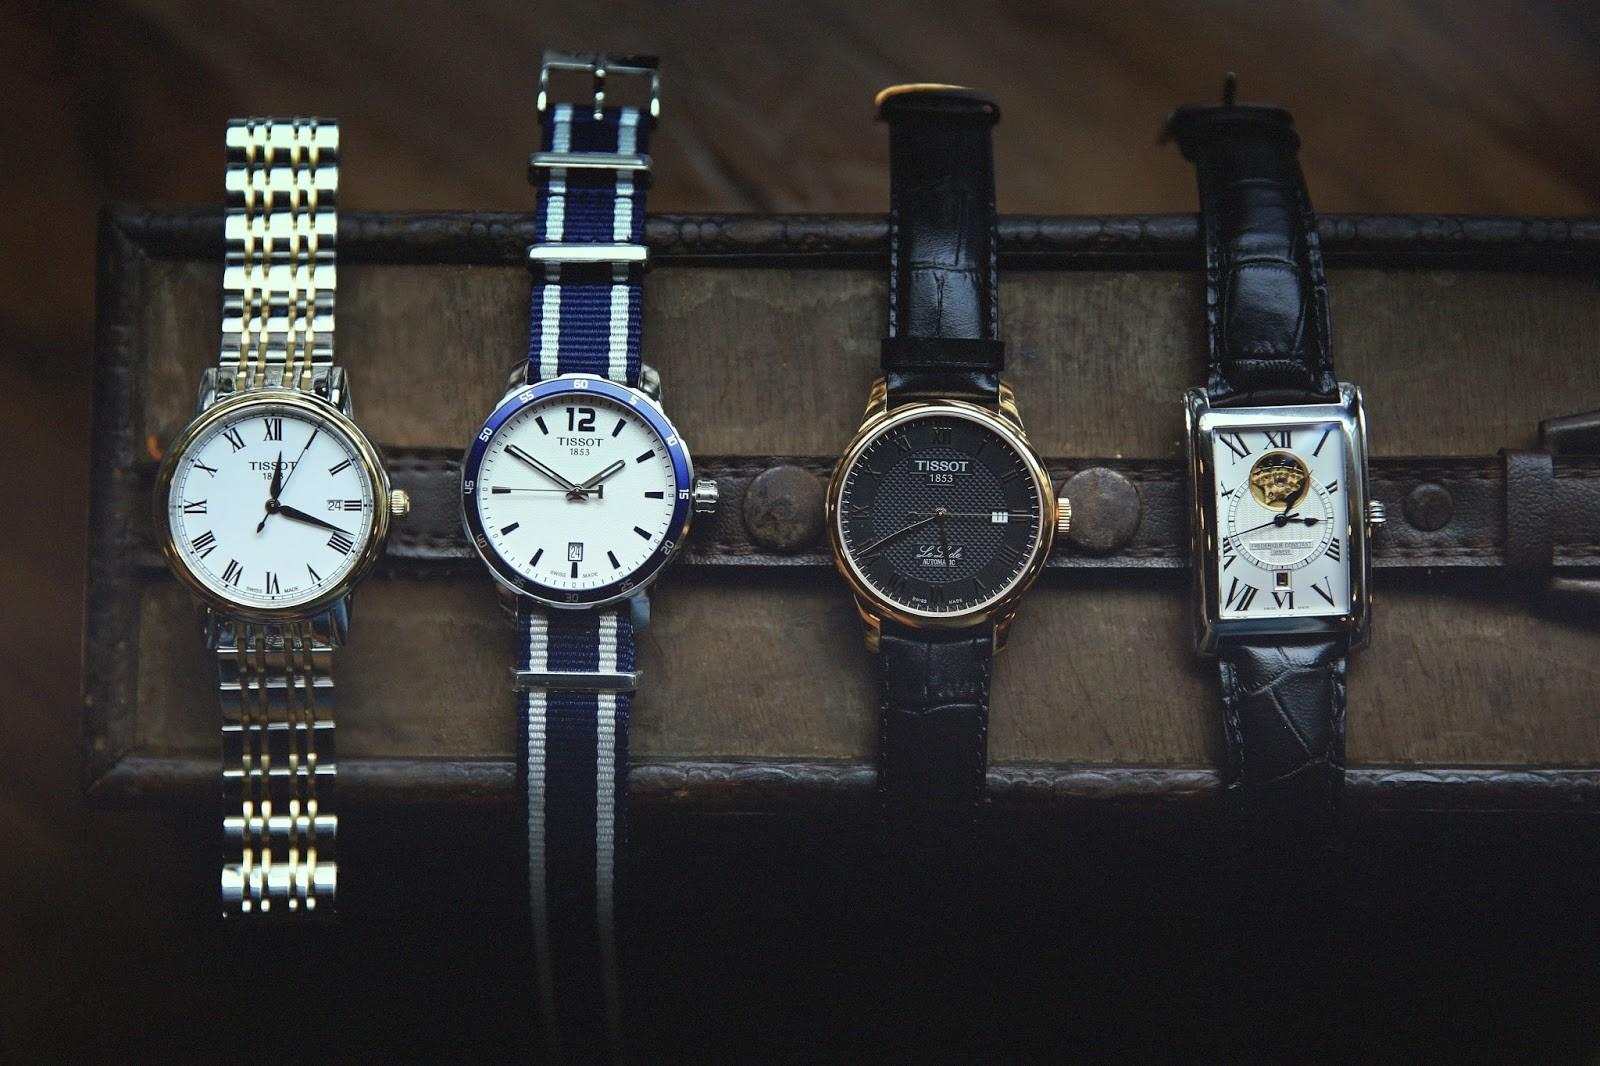 đồng hồ Tissot 1853 nam giá bao nhiêu